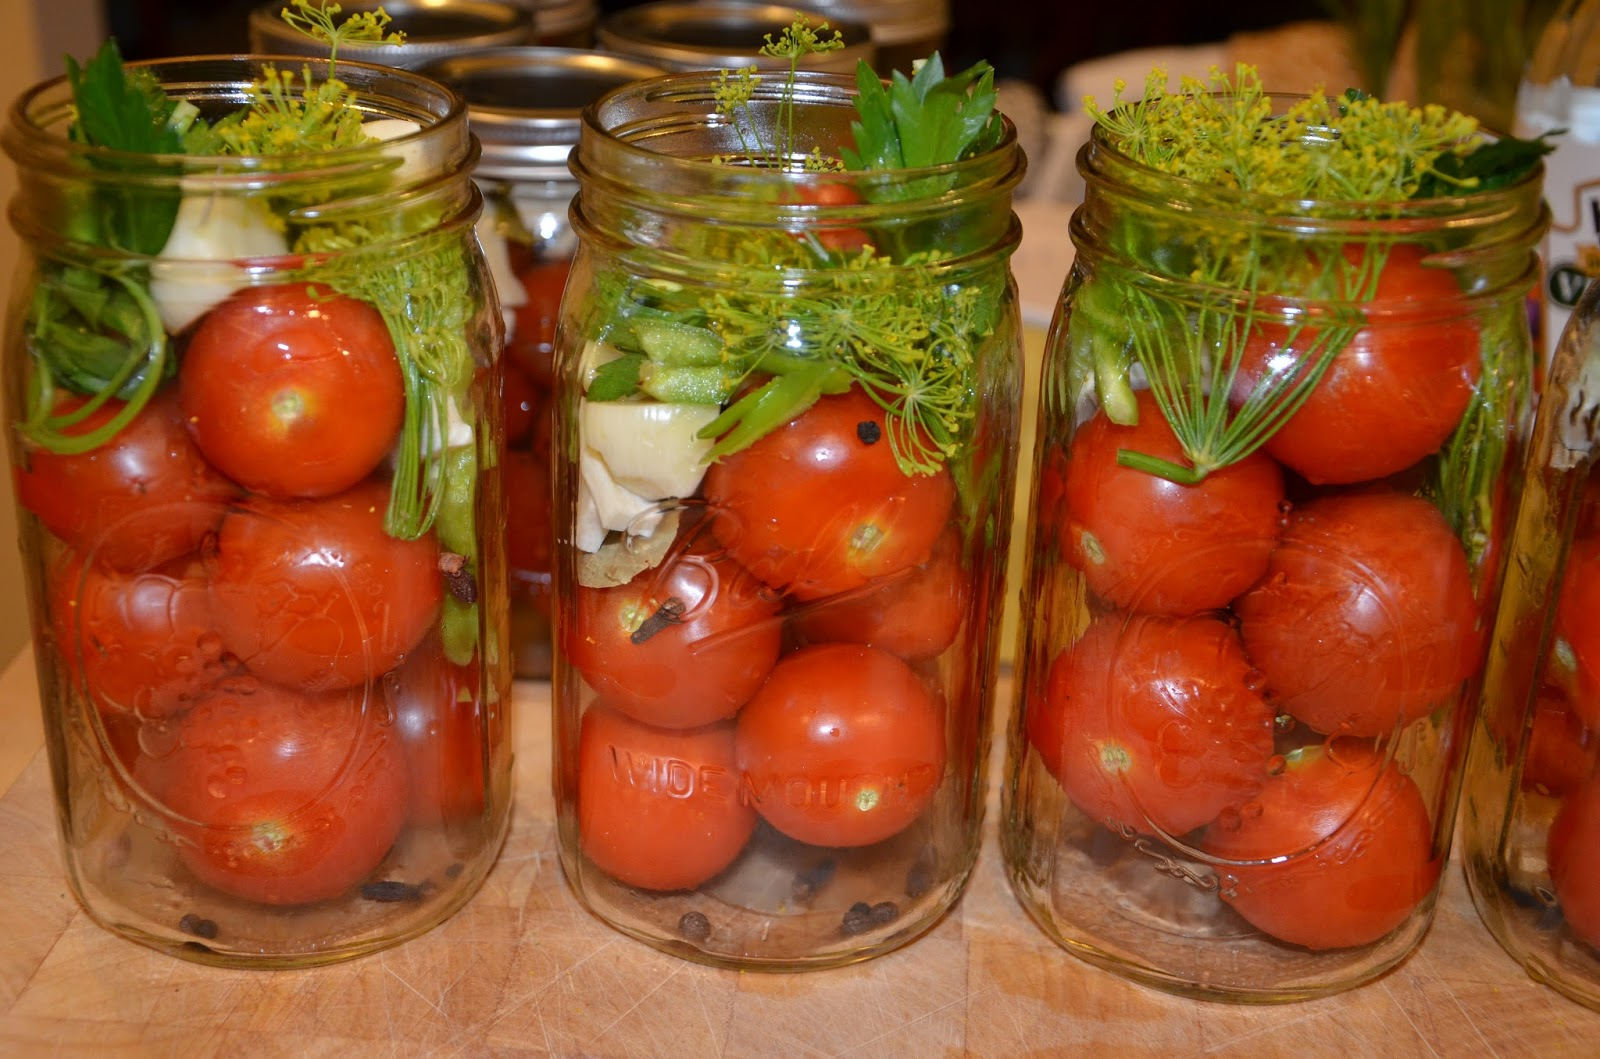 Что делать со вздувшимися банками с помидорами и как спасти закатки - здоровье малыша